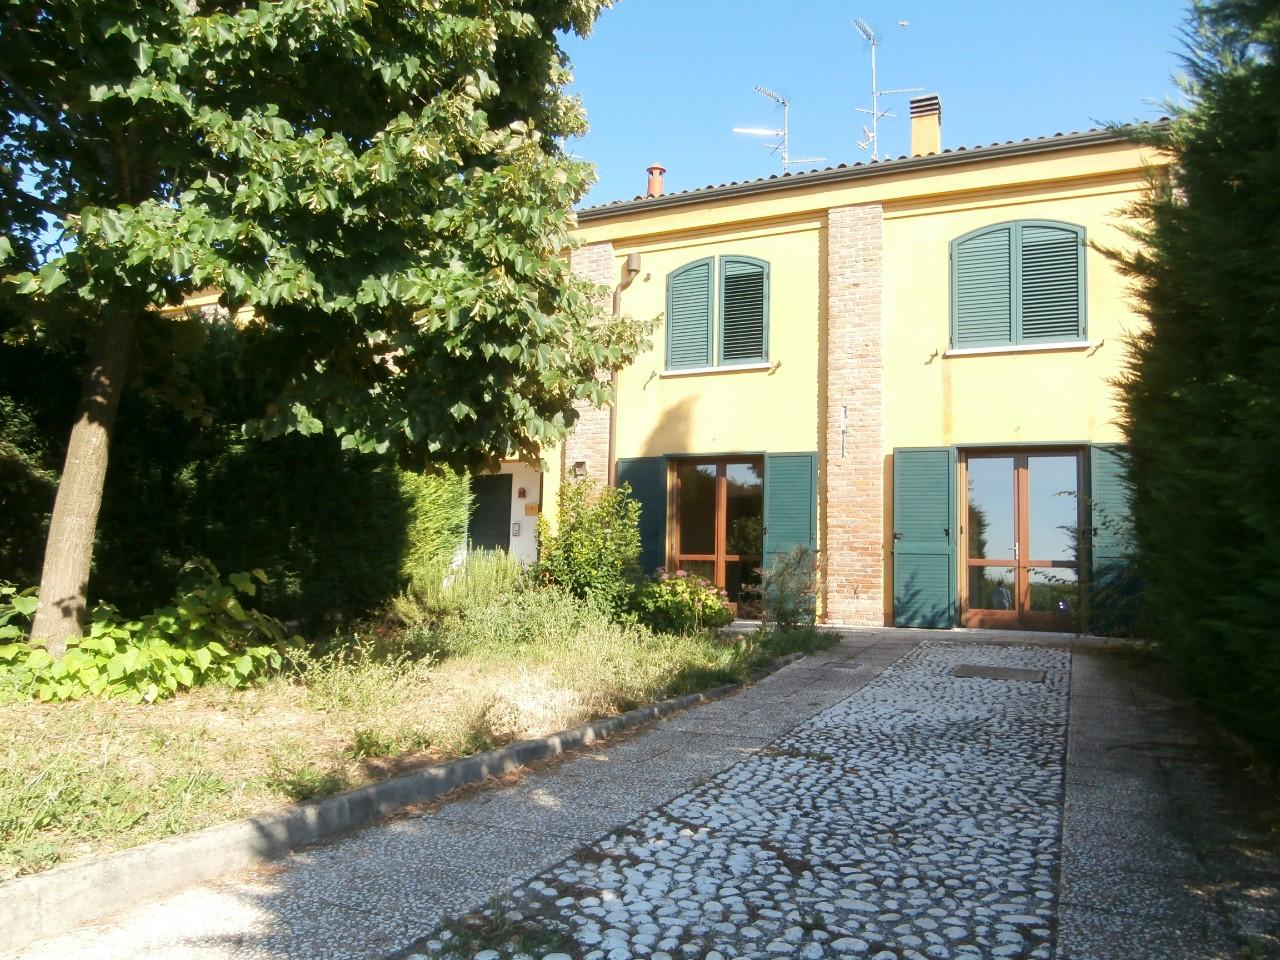 Villetta in vendita Ferrara Zona Francolino